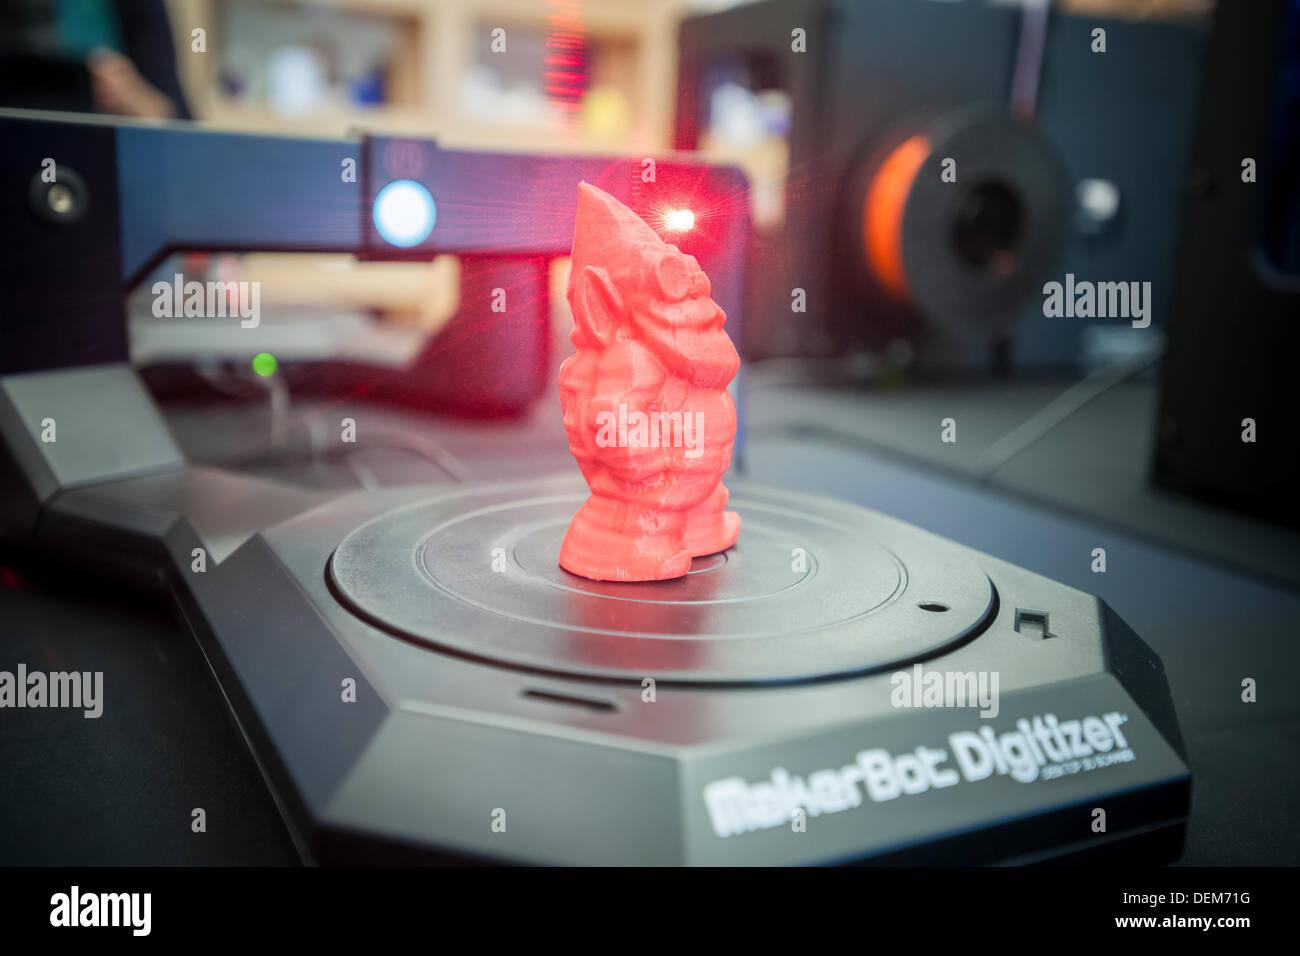 New York, USA. 20 septembre 2013. Un MakerBot MakerBot Industries Digitizer Desktop 3D scanner numérise un gnome figure dans le MakerBot des bureaux à New York, le vendredi 20 septembre, 2013. MakerBot ont introduit leur $1400 MakerBot Digitizer Desktop scanner 3D qui permettra aux utilisateurs d'analyser les objets jusqu'à 8X8X8 pouces et imprimer les doublons sur leurs $2199 Replicator 2 ou une autre marque d'imprimante 3D. Crédit: Richard Levine/Alamy Live News Photo Stock